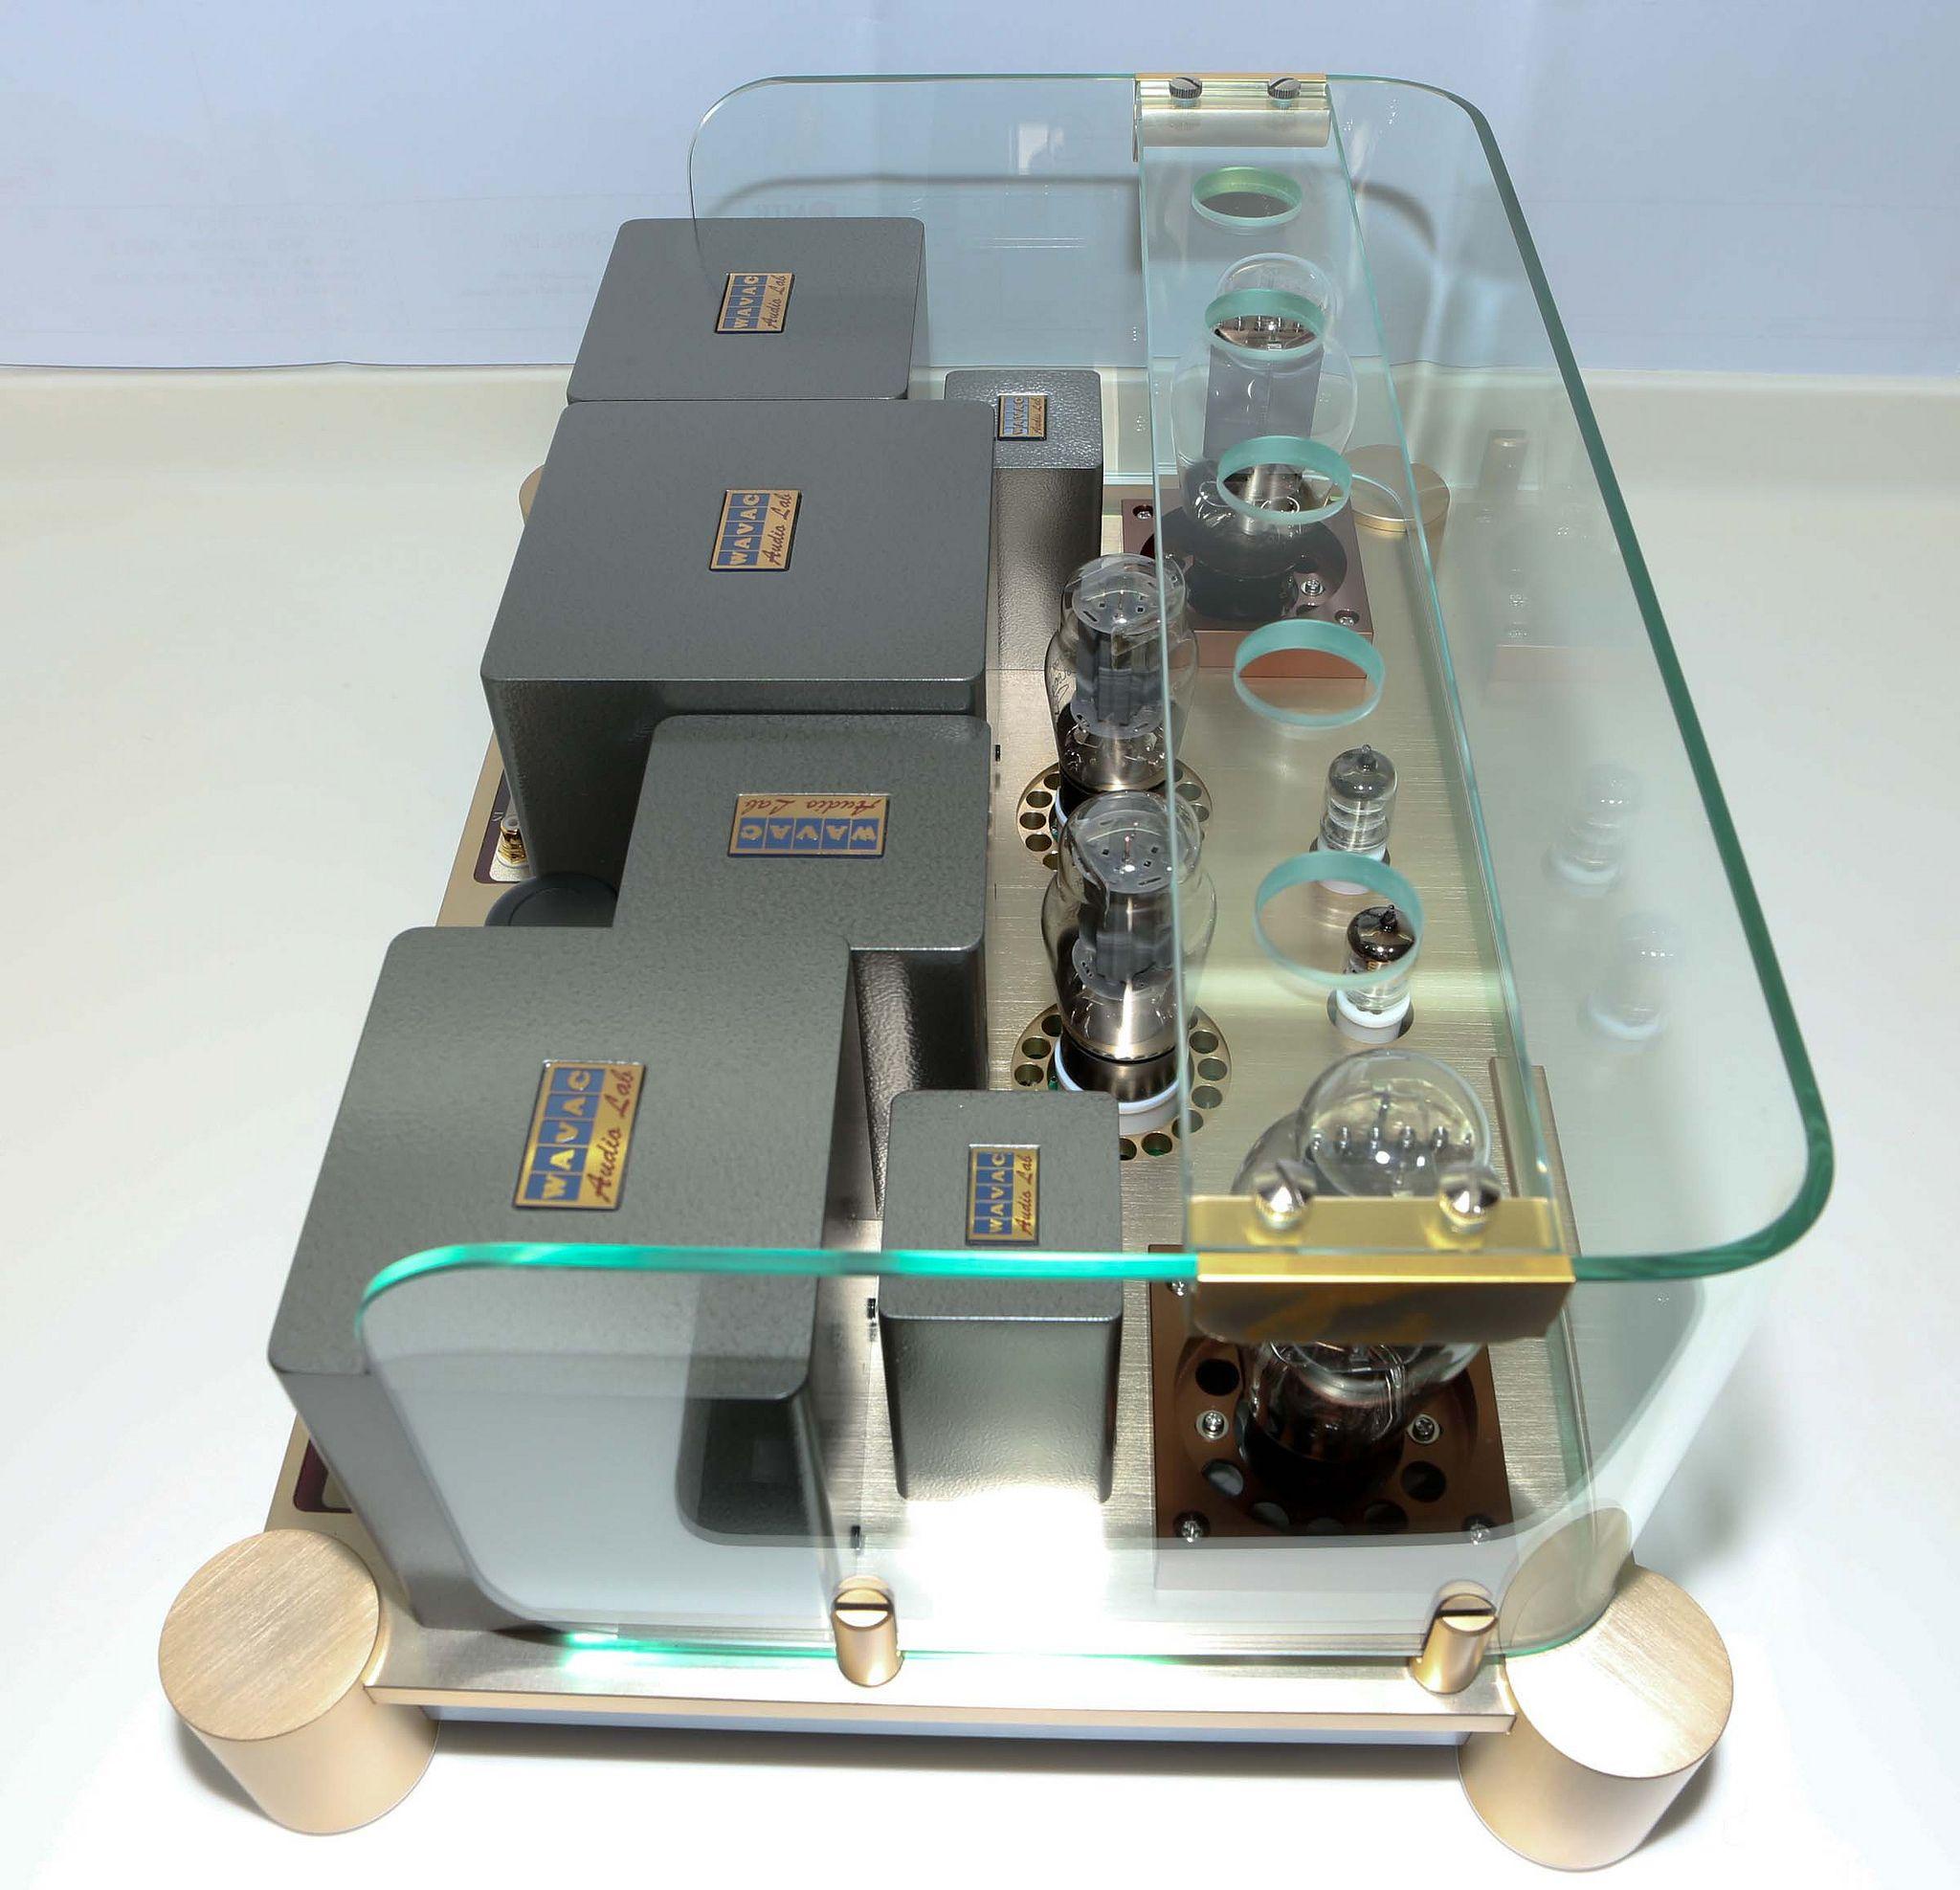 Wavac Ec300b Audio Design Valve Amplifier Audiophile